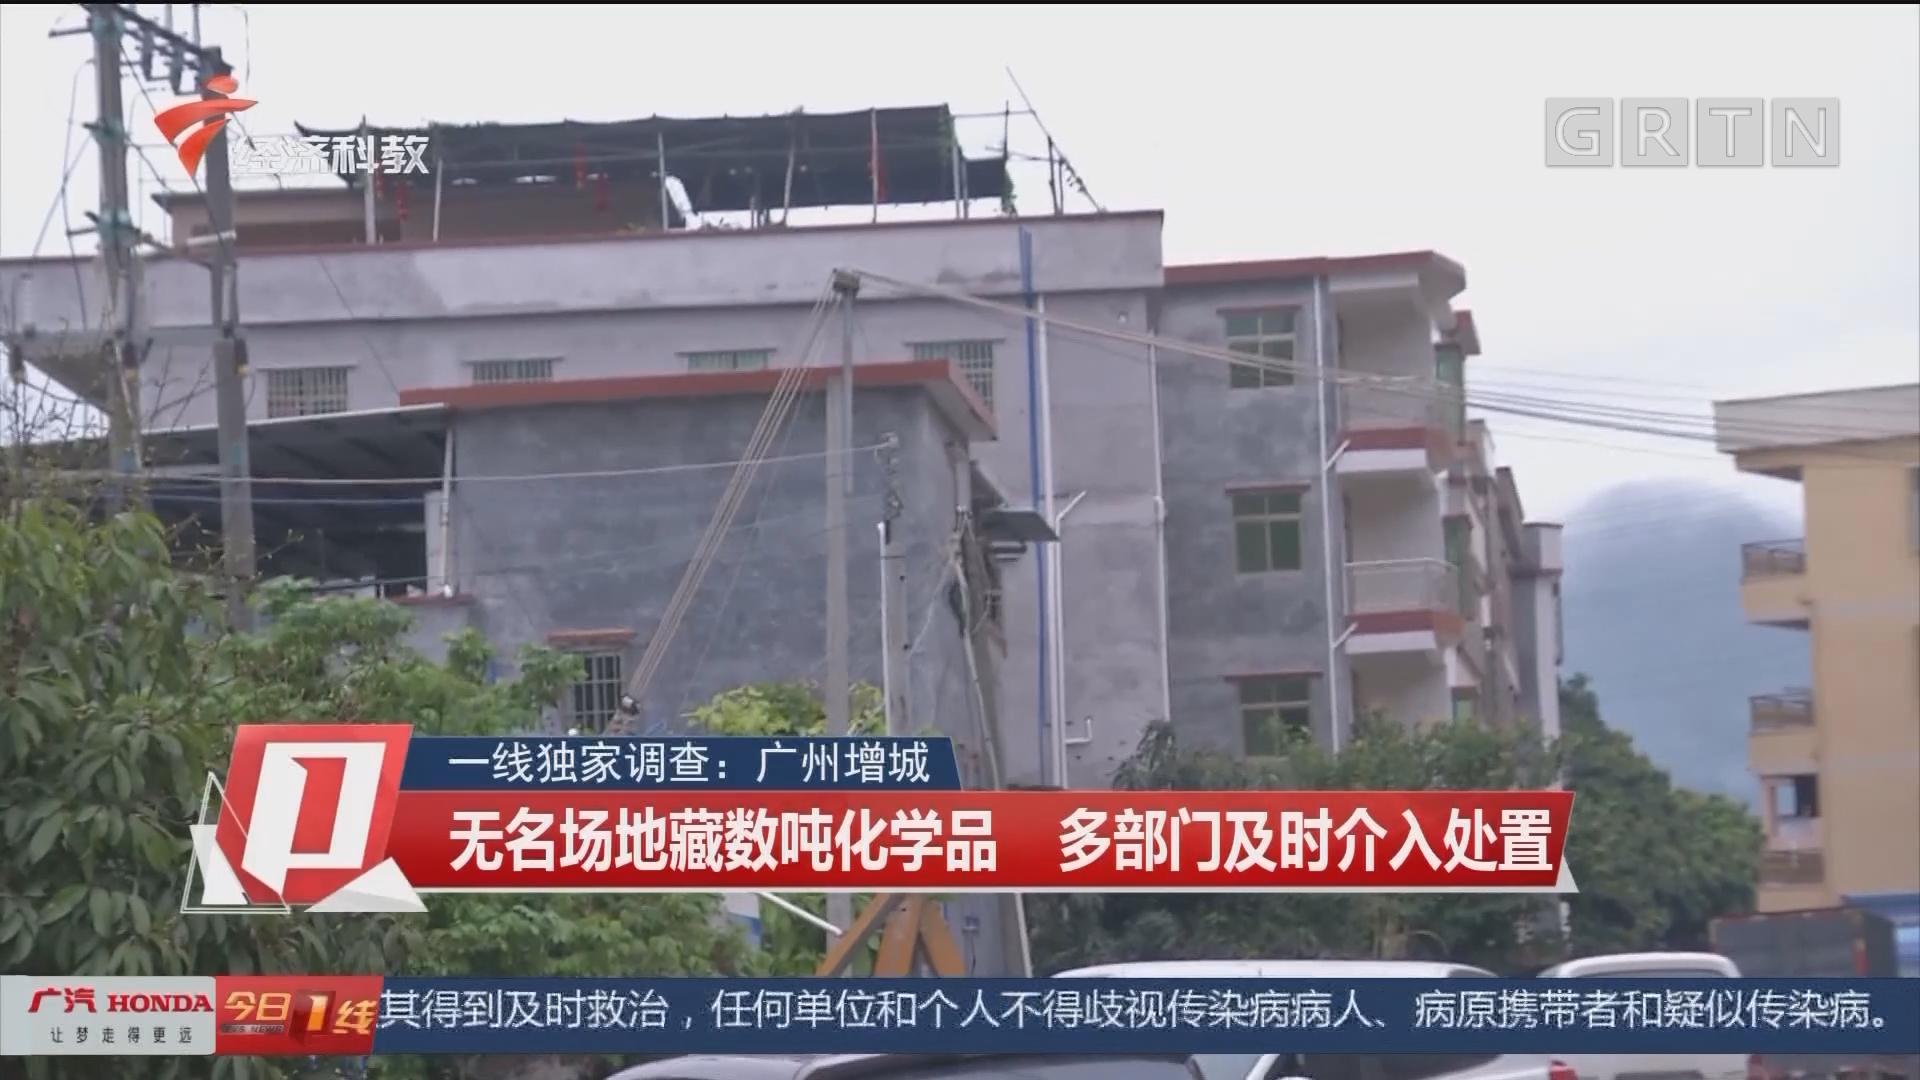 一线独家调查:广州增城 无名场地藏数吨化学品 多部门及时介入处置